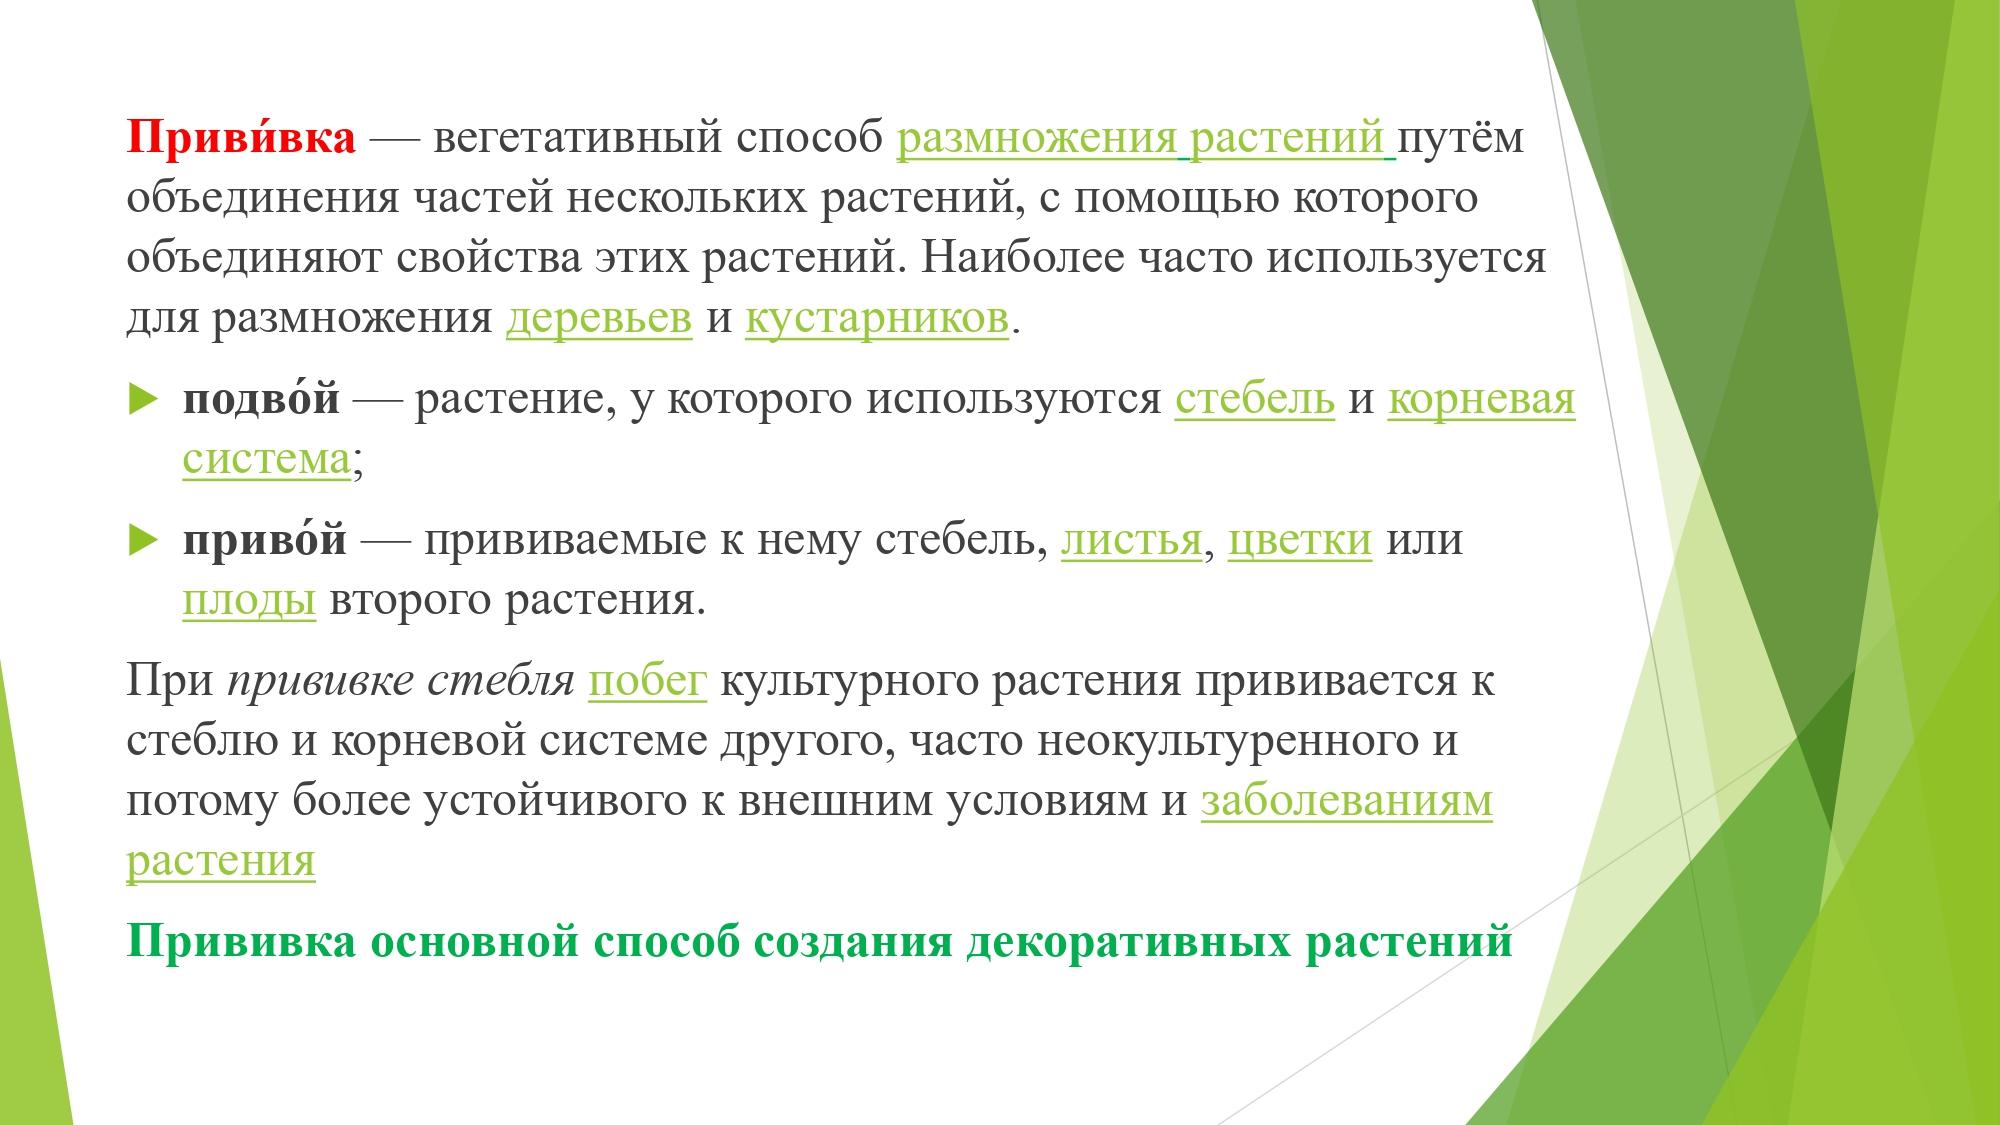 декорат.раст_page-0002